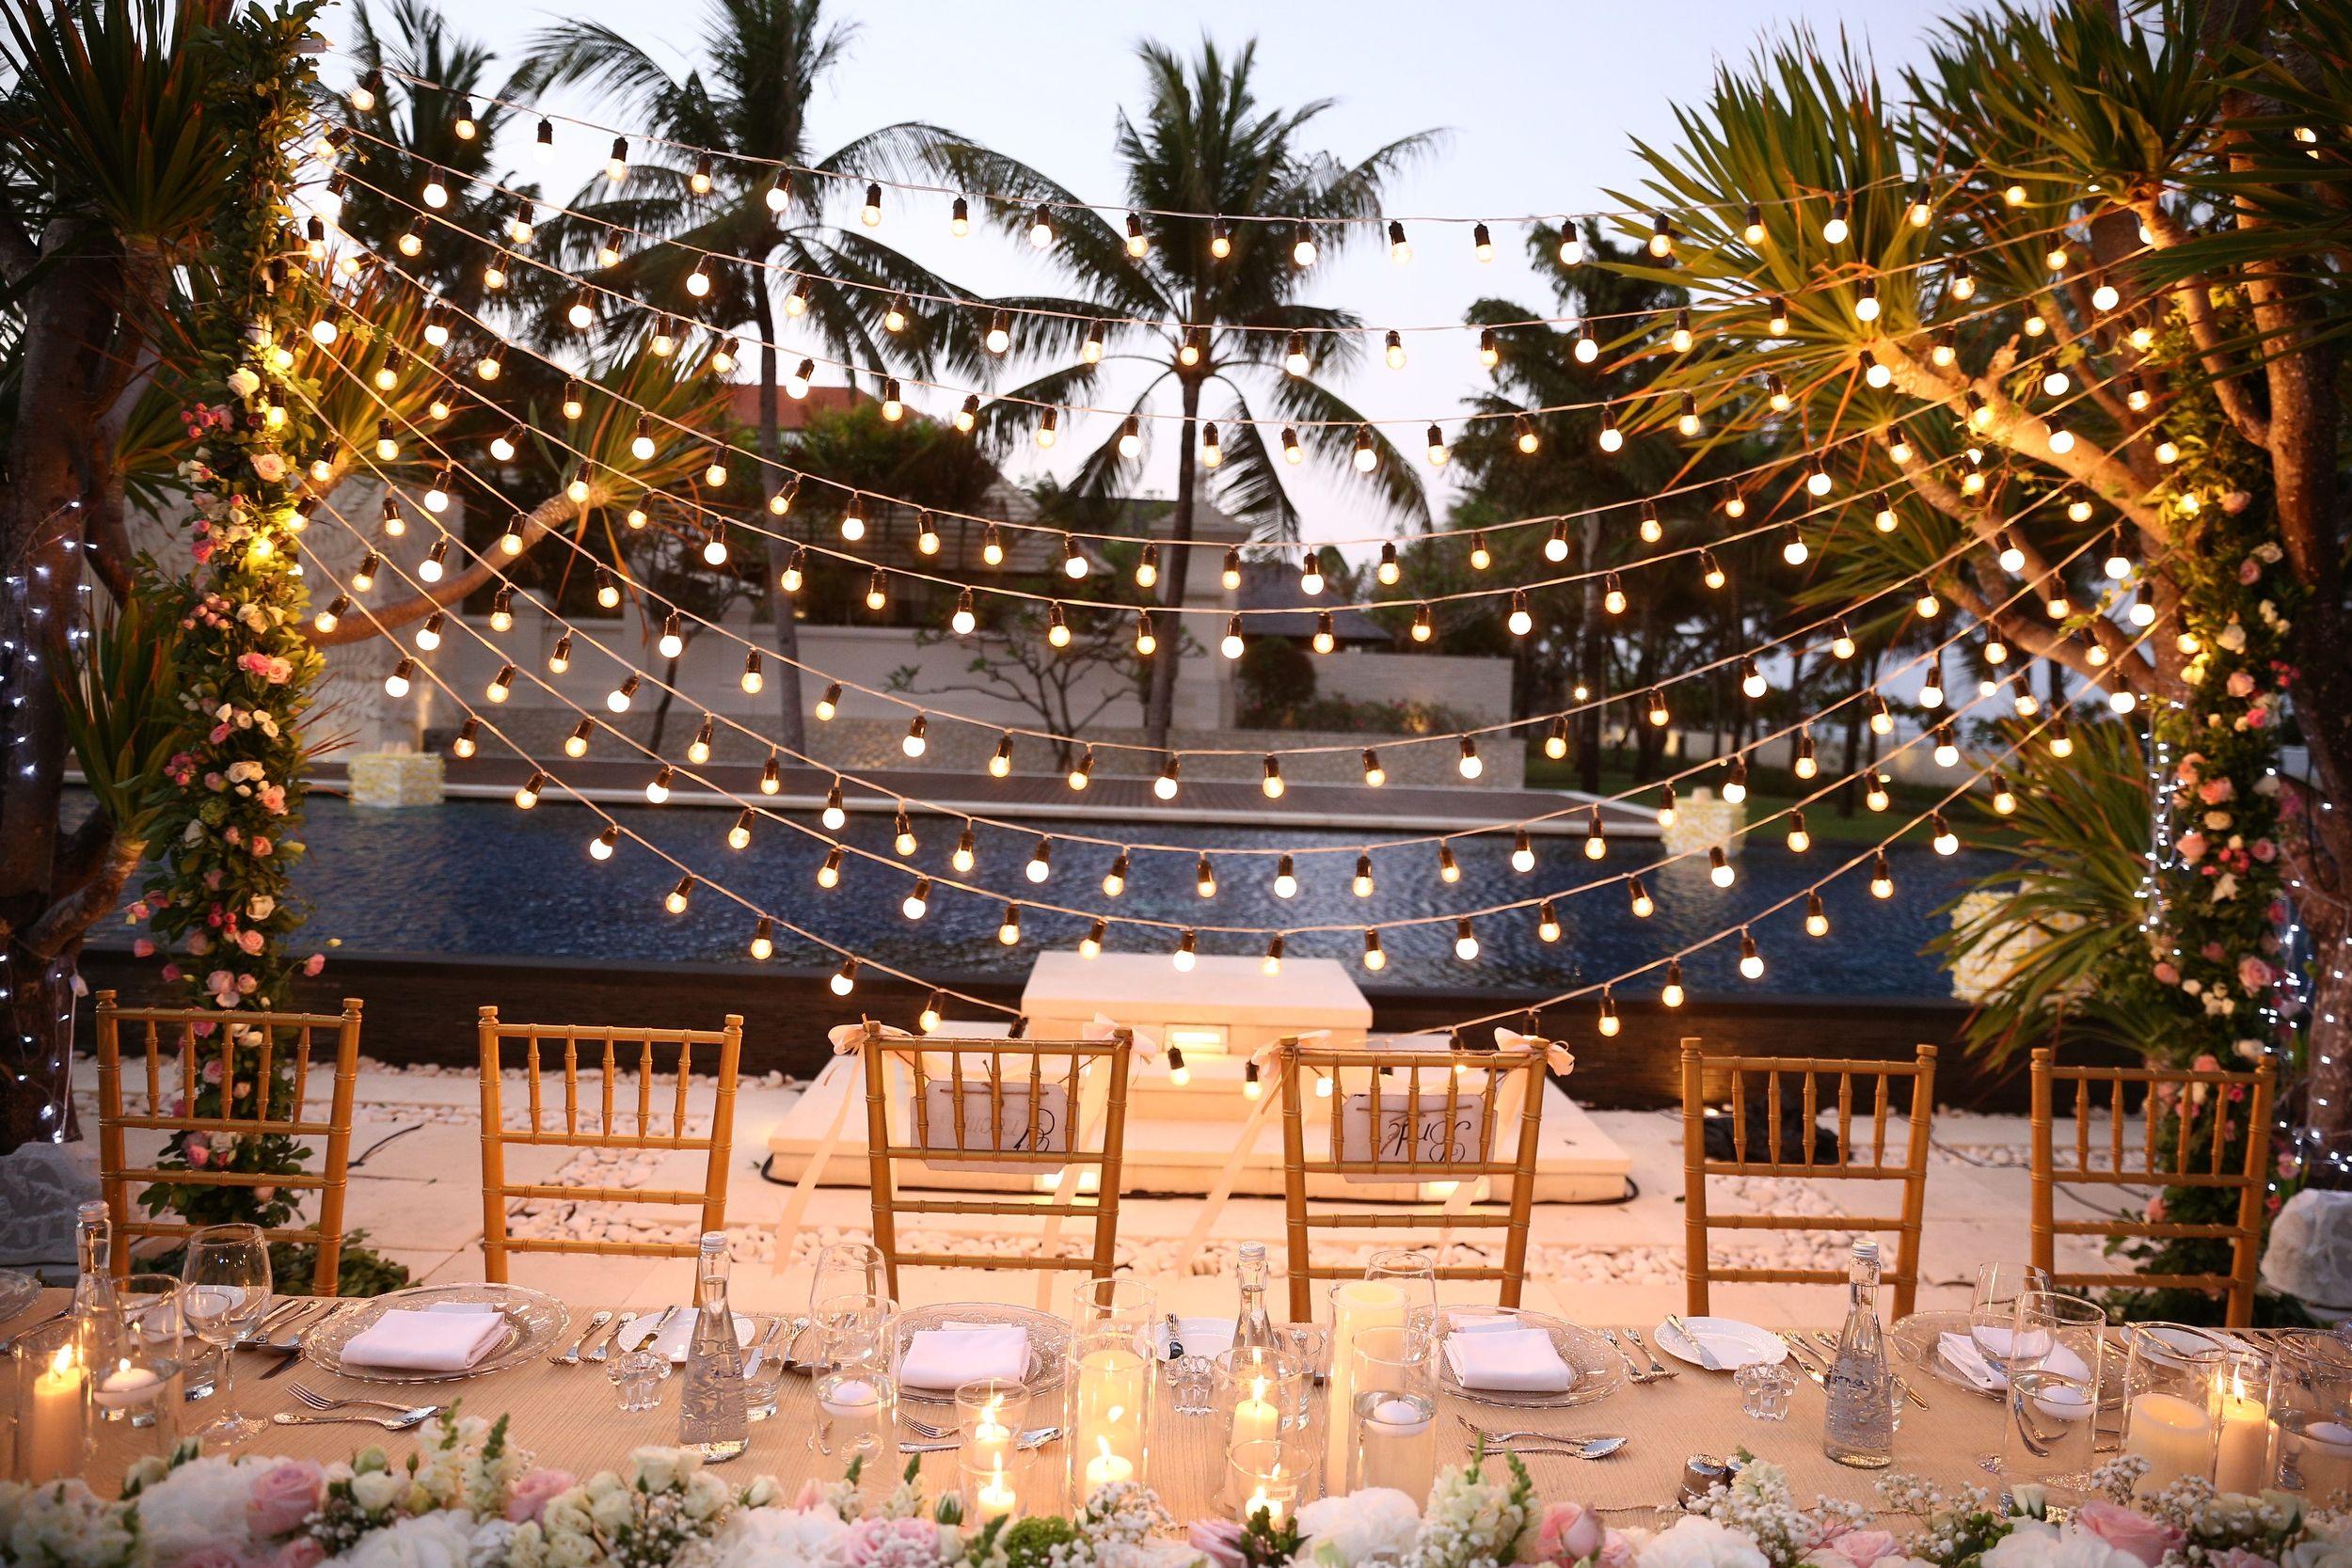 International wedding style di bali thebridedept rustic international wedding style di bali thebridedept junglespirit Choice Image